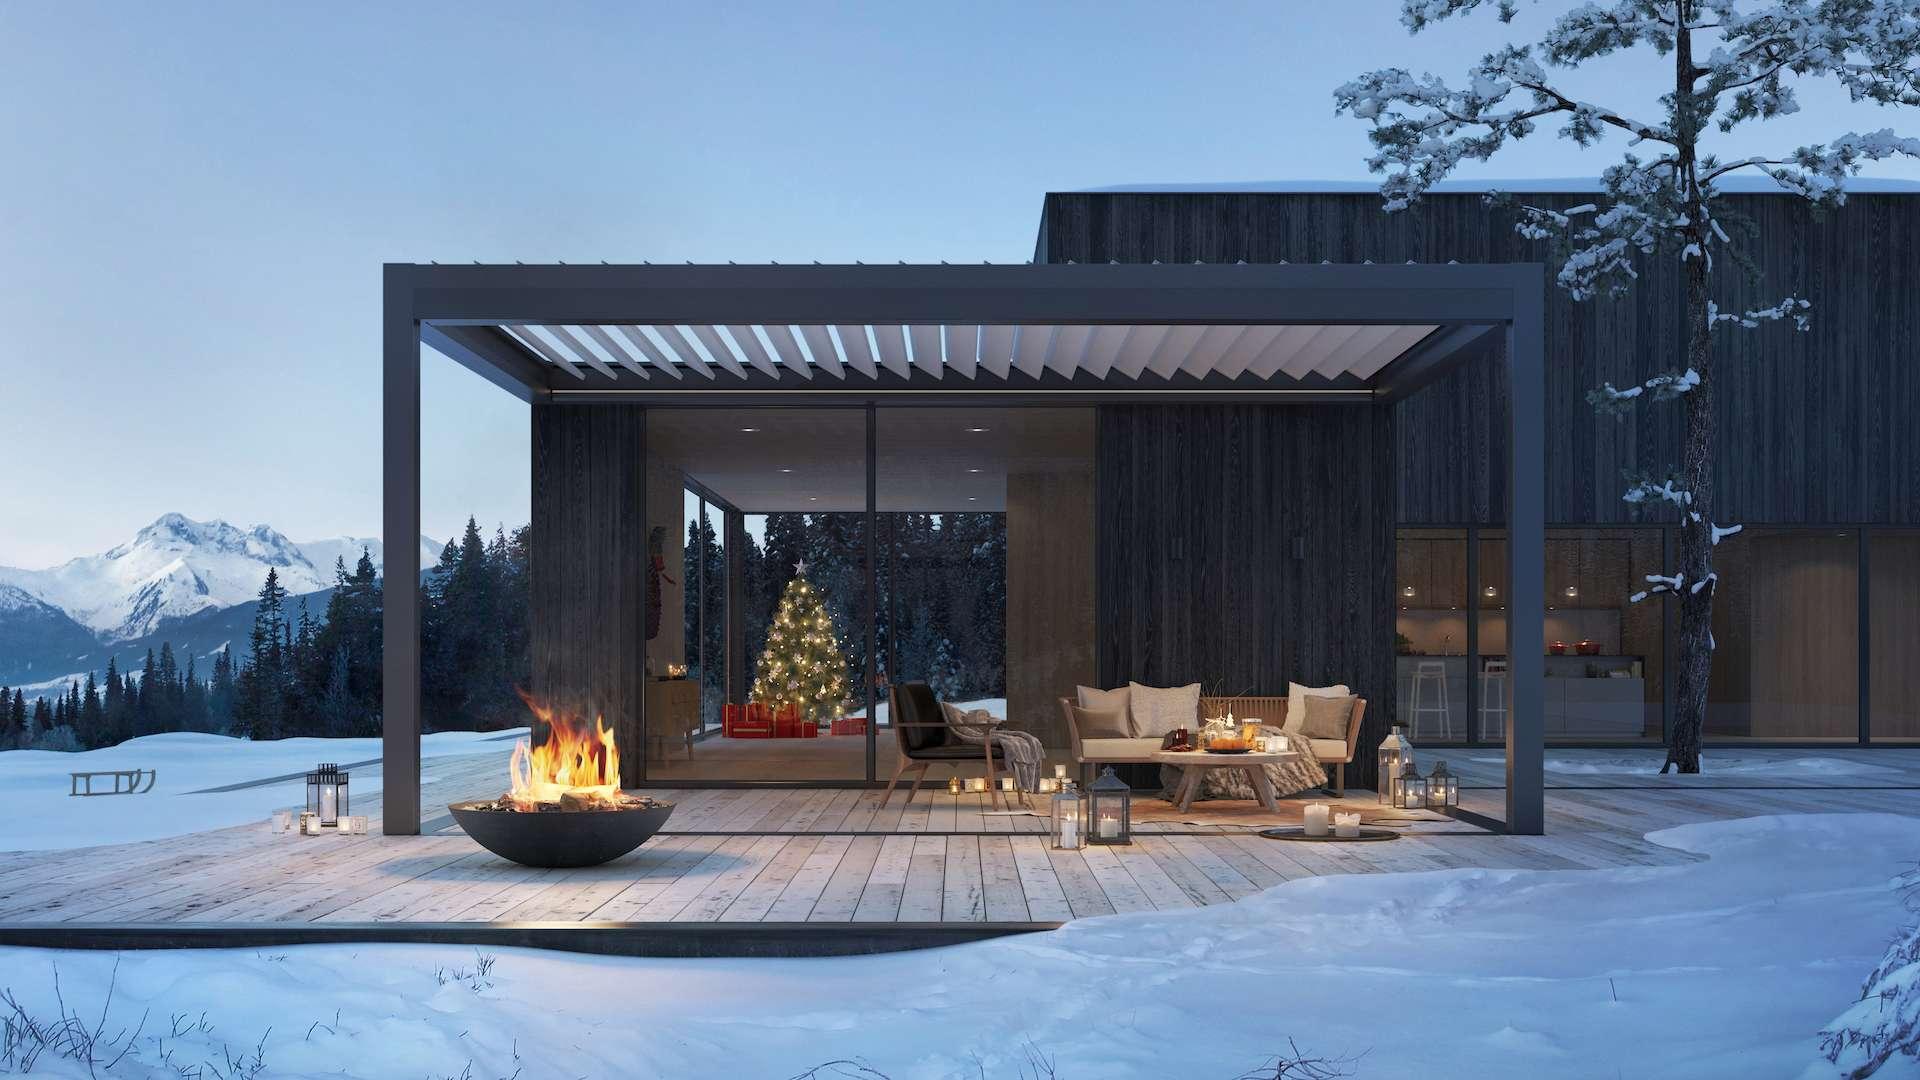 Lamellendach an einem Haus im Schnee